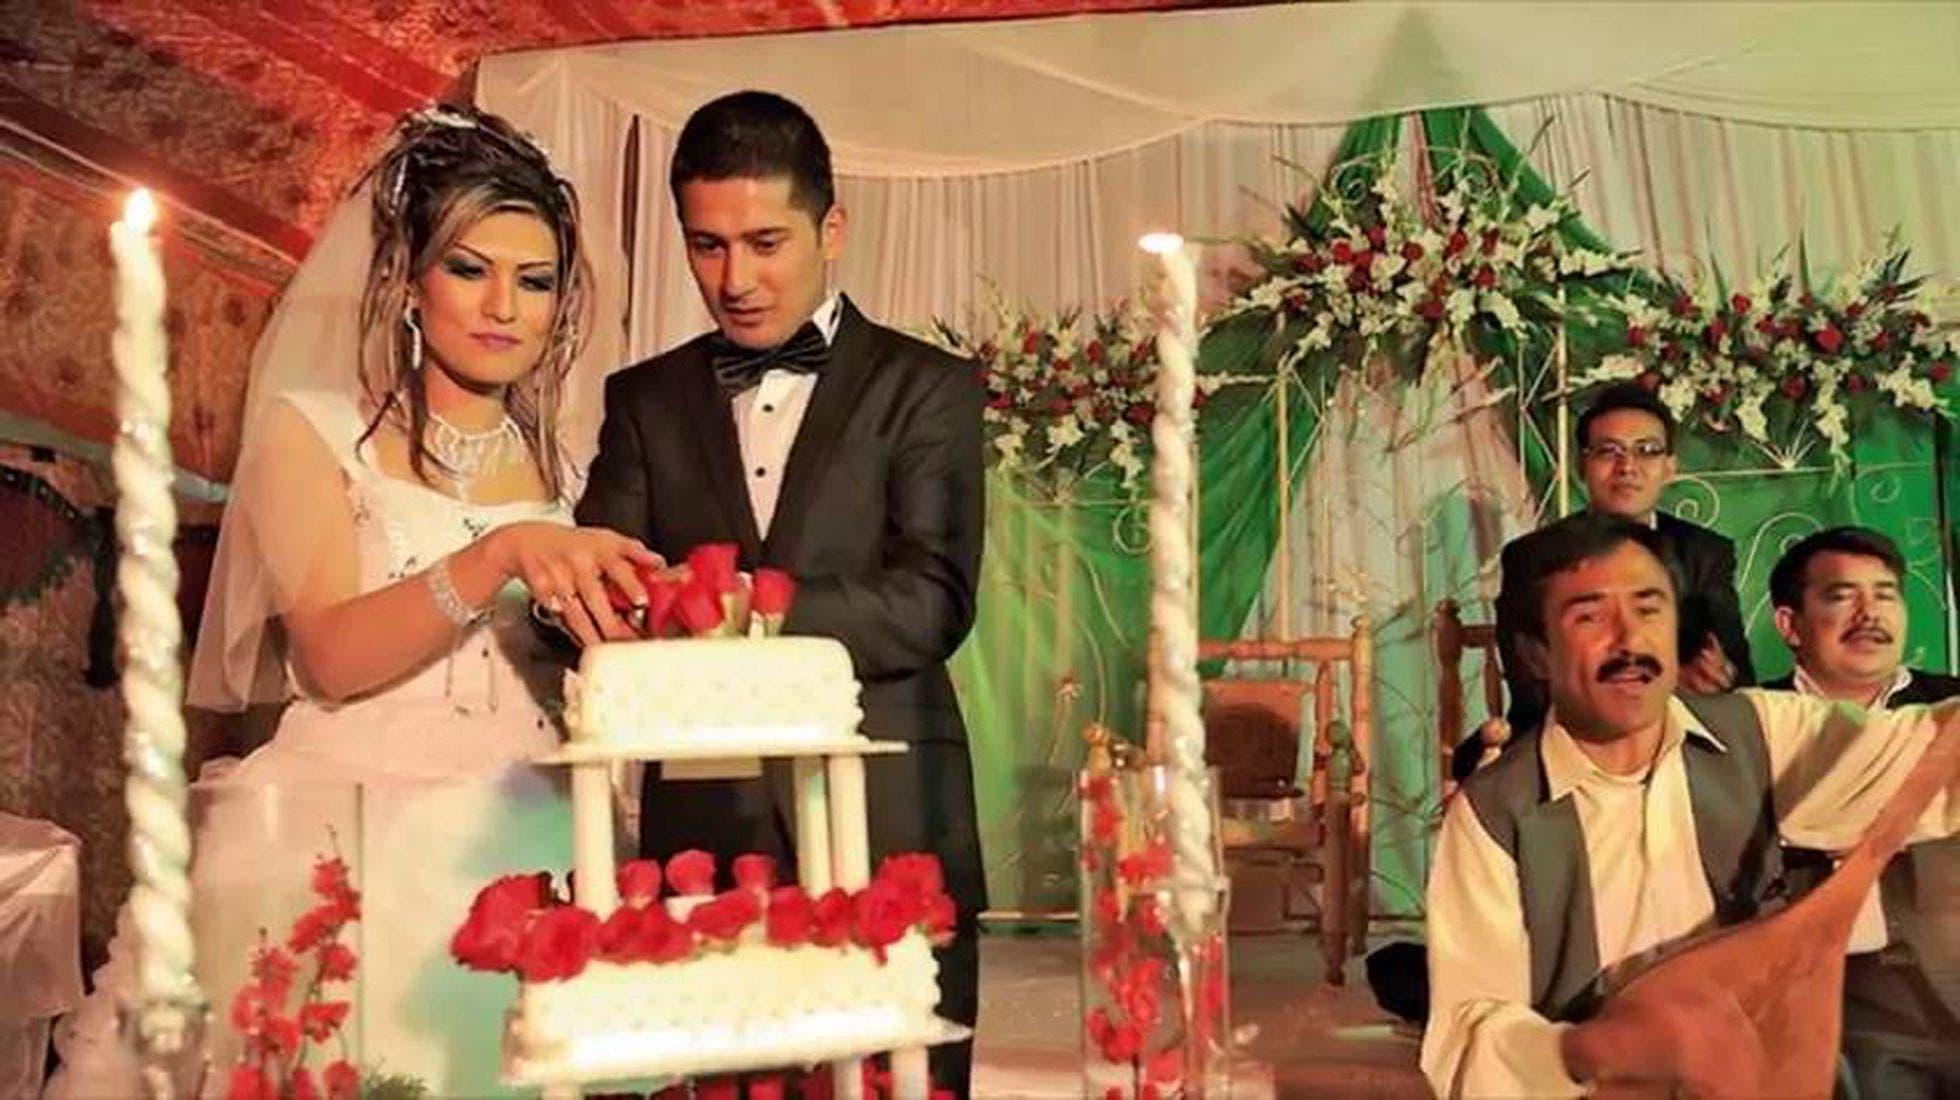 La bodas en Kabul, con música bajo el gobierno el Talibán